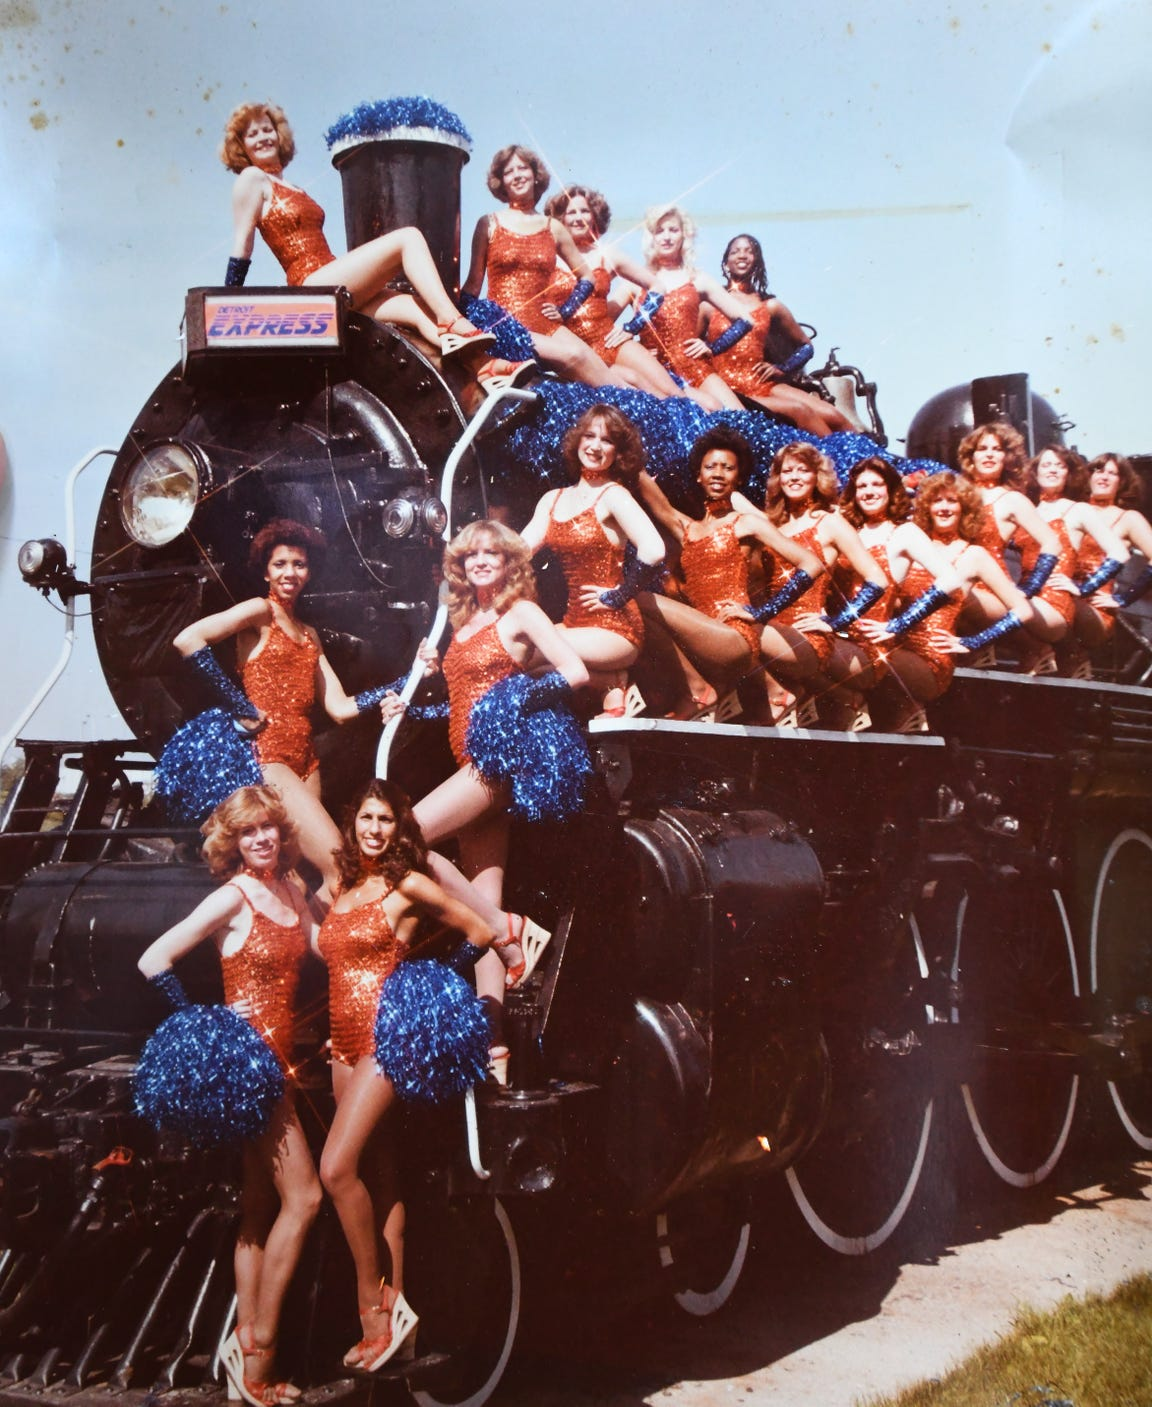 The Detroit Express Choo Choo Cheerleaders.